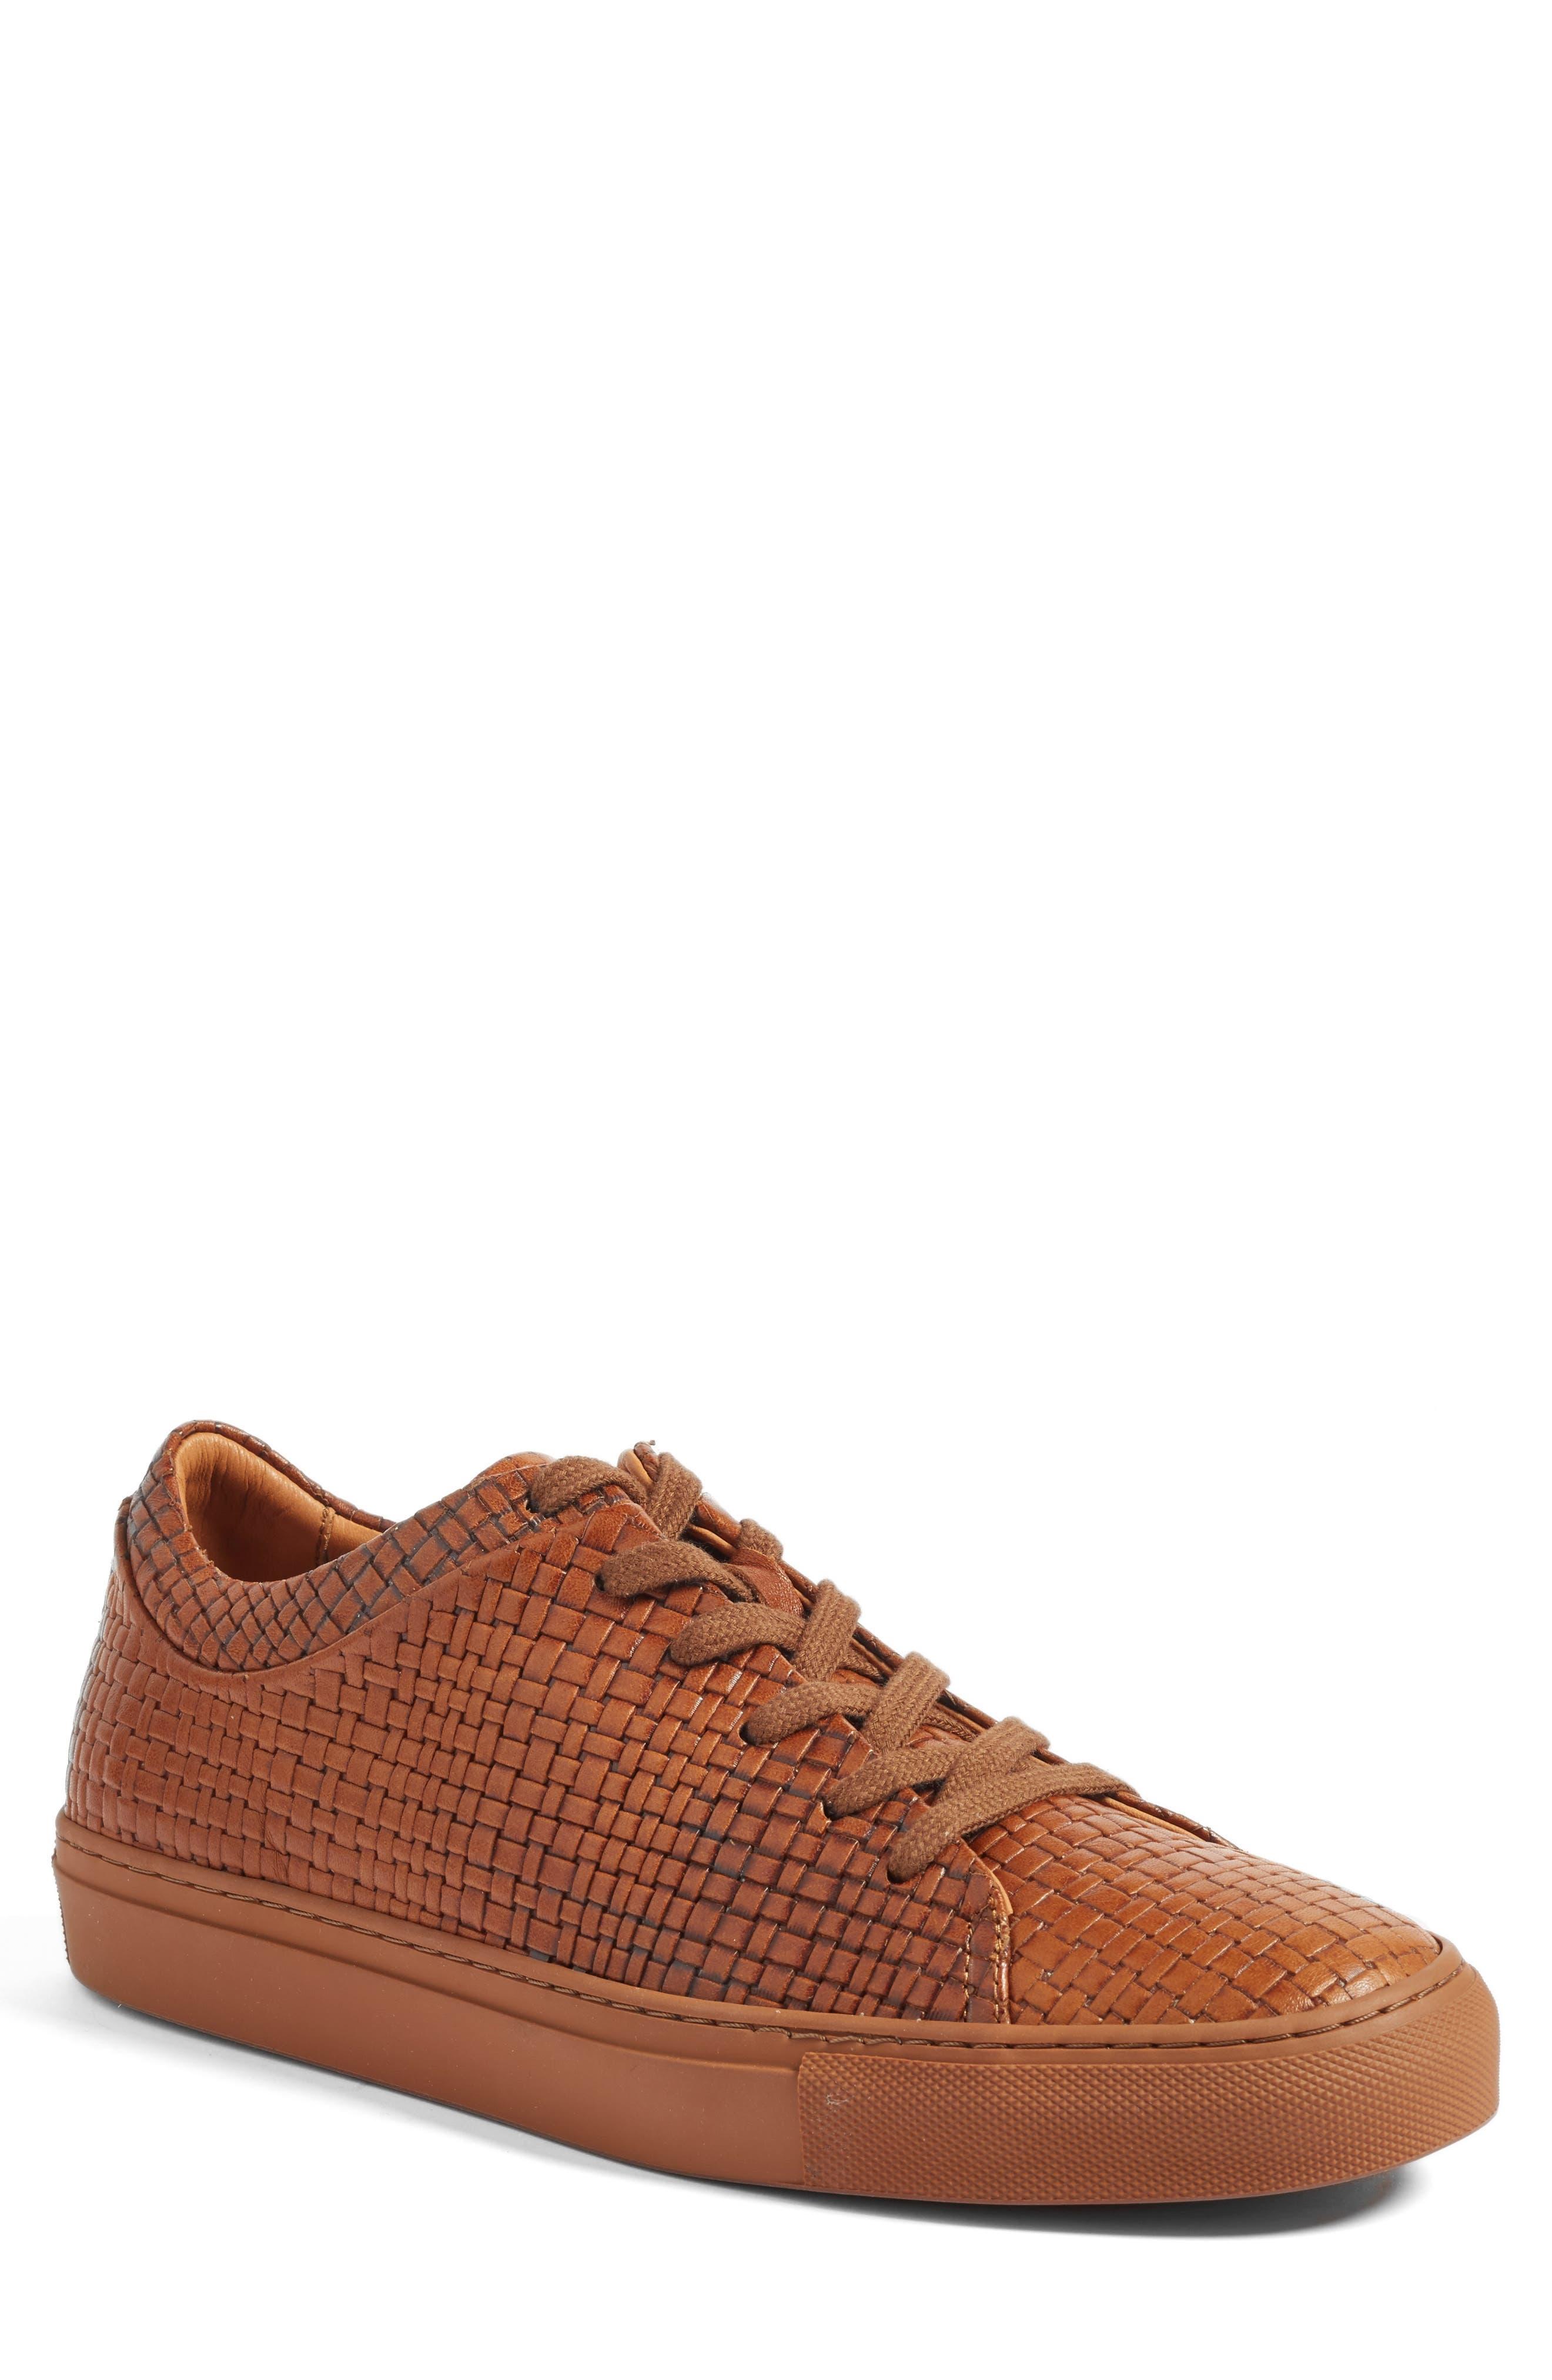 Alternate Image 1 Selected - Aquatalia Alaric Sneaker (Men)